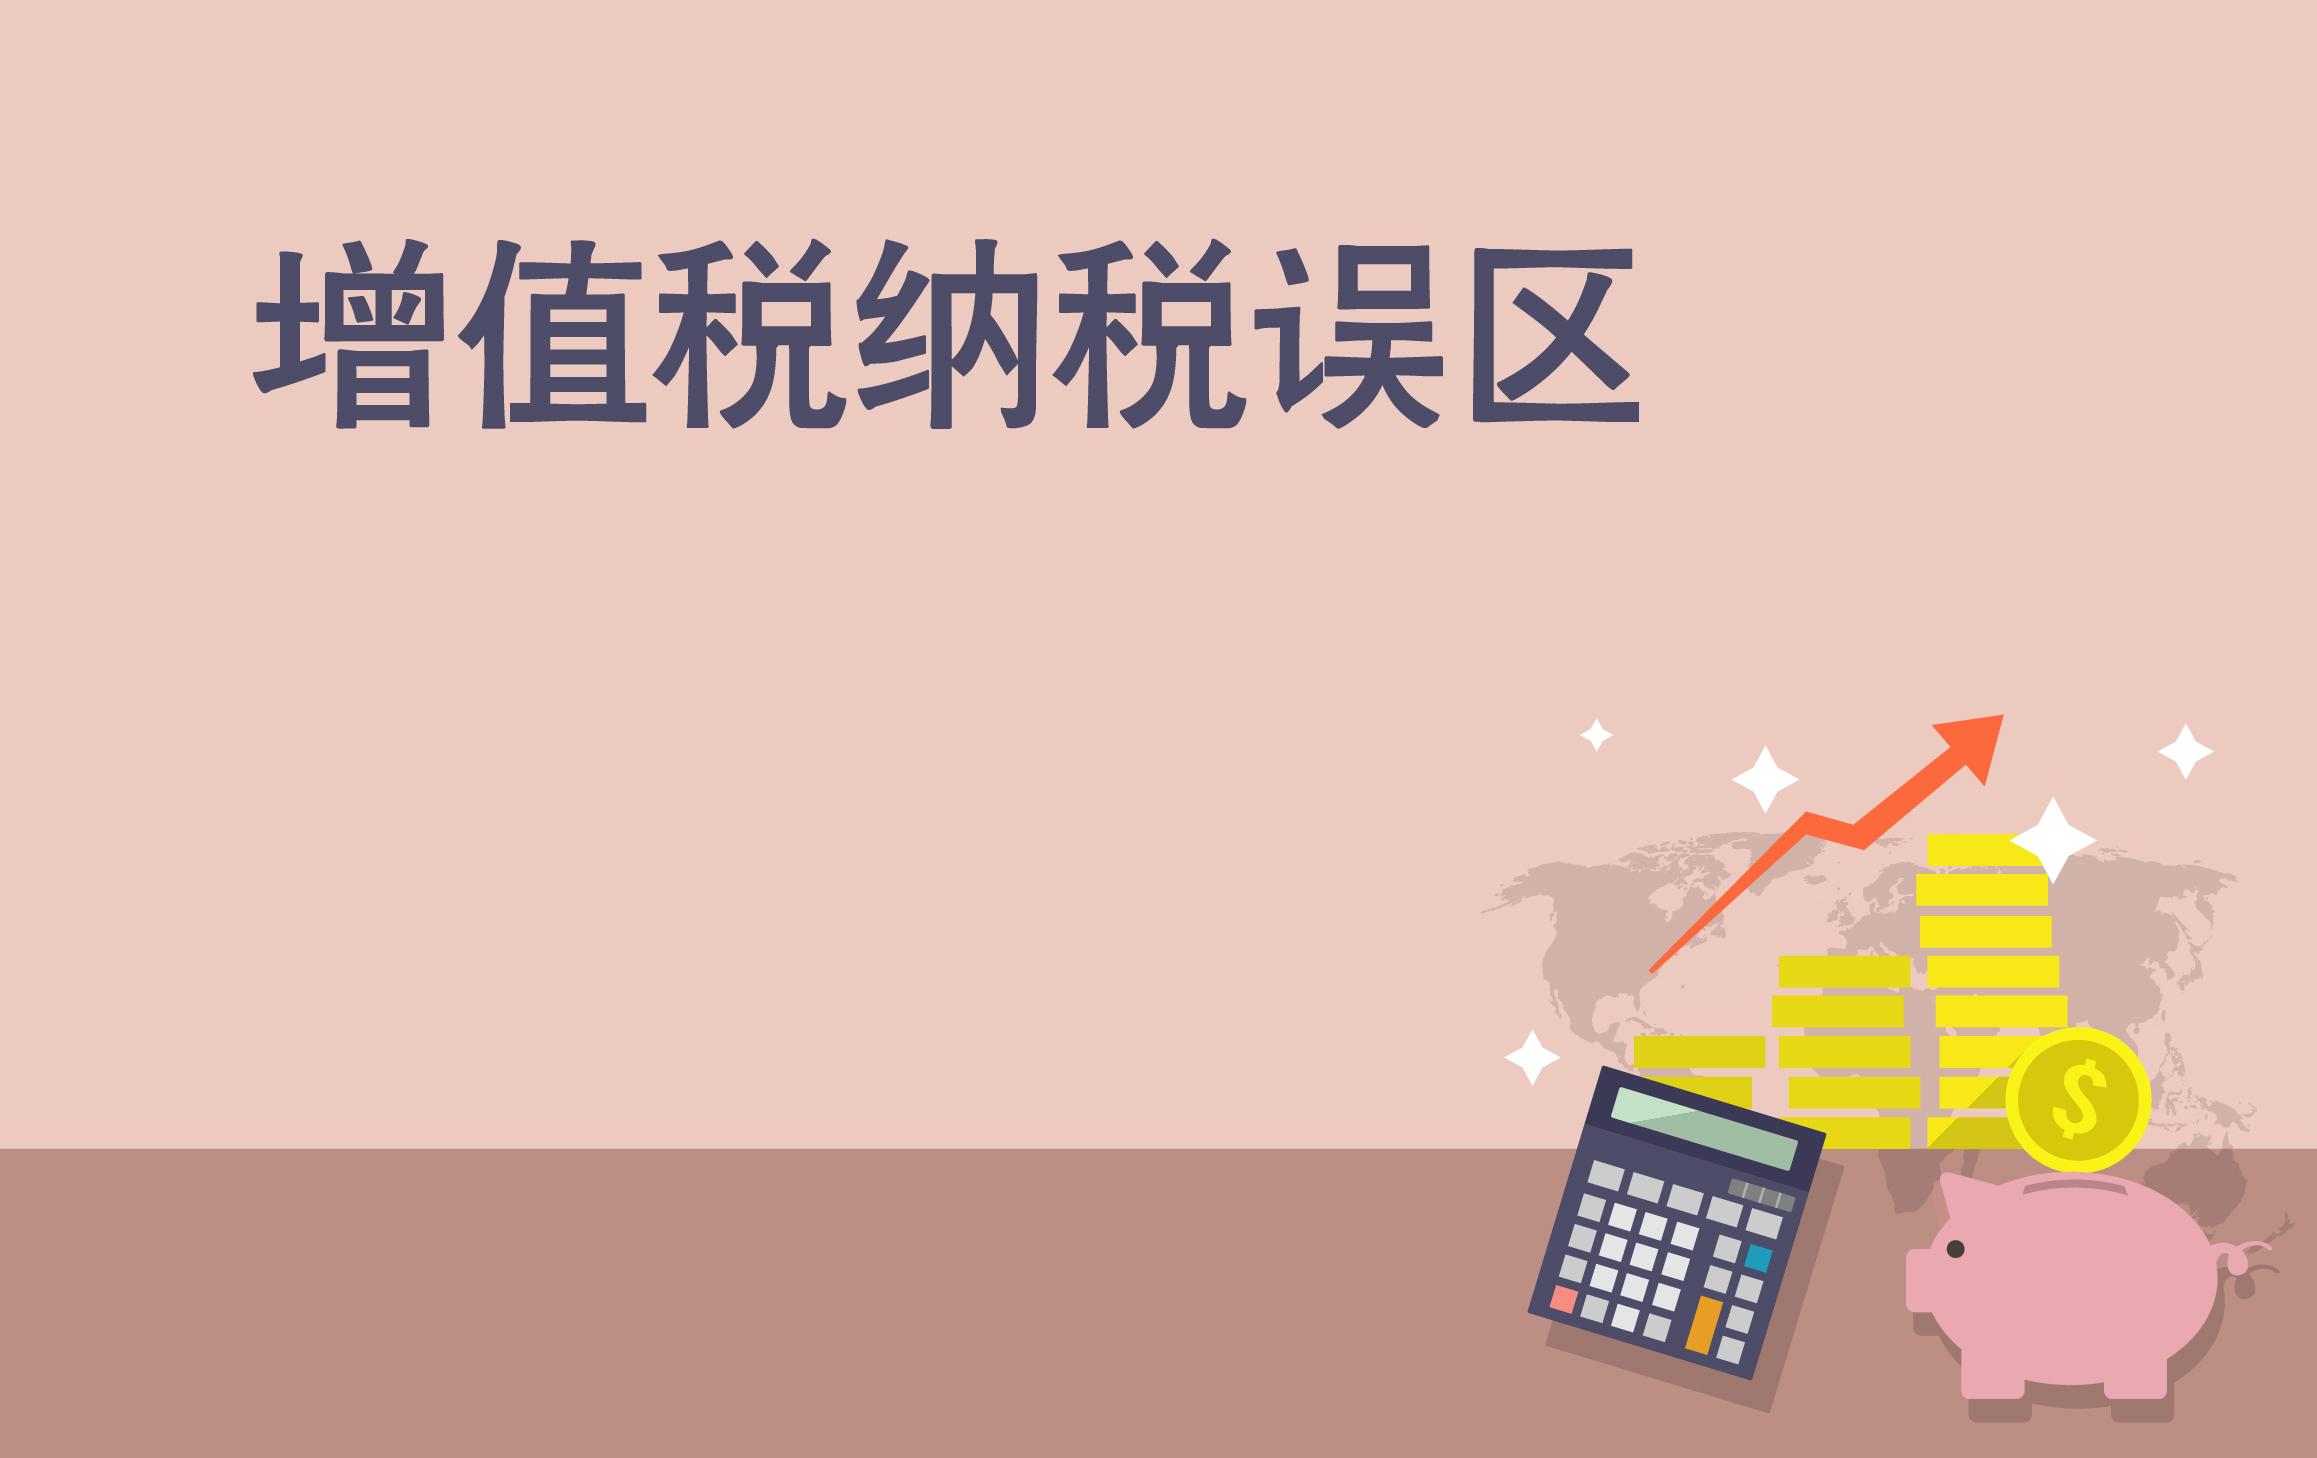 企业增值税常见纳税误区精解 I